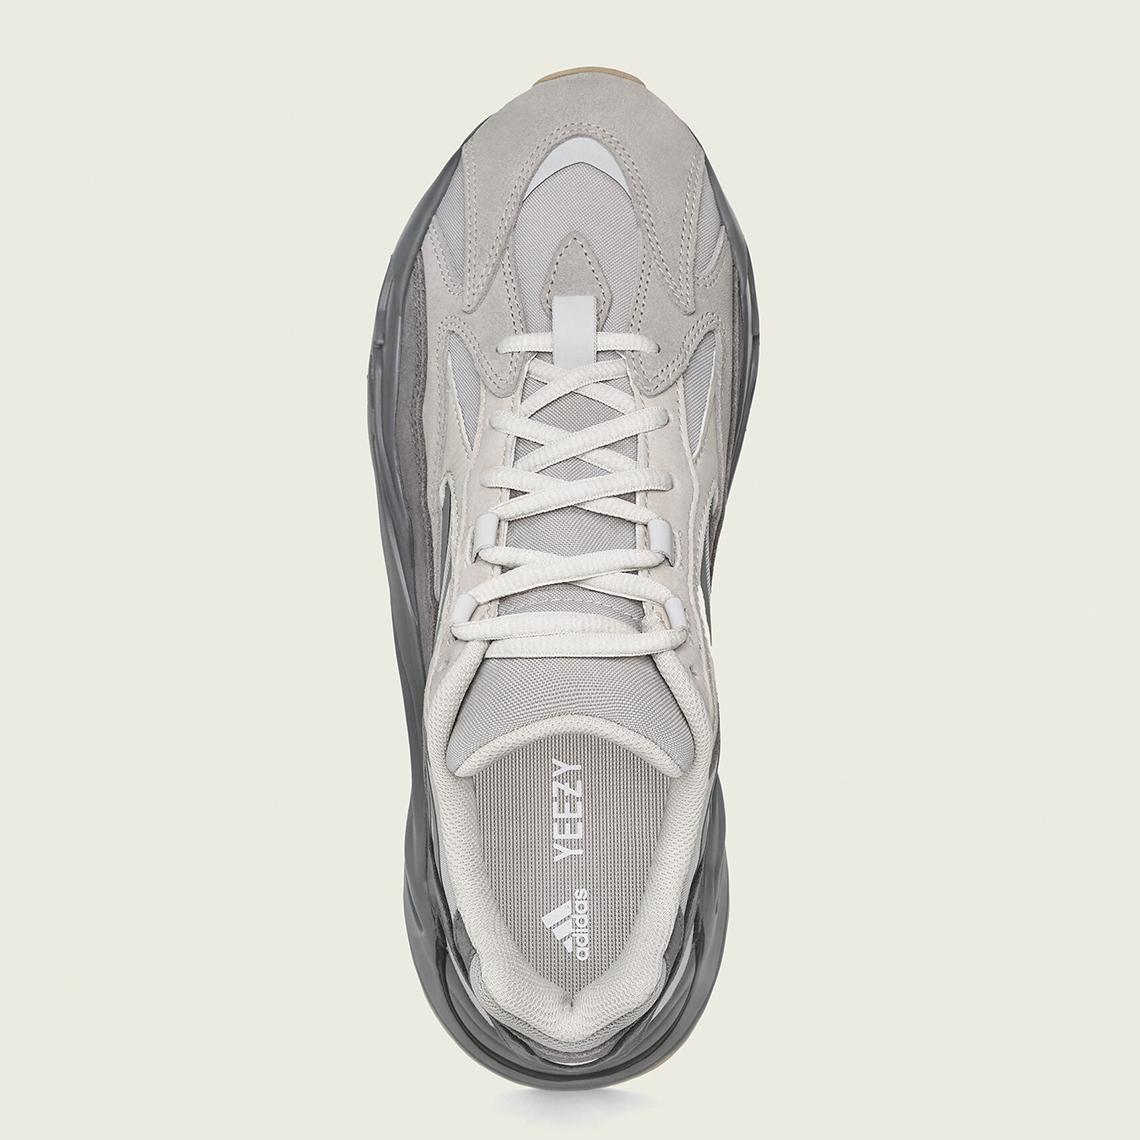 ganar Ondular Validación  adidas Yeezy Boost 700 v2 Tephra Official Release Info | SneakerNews.com